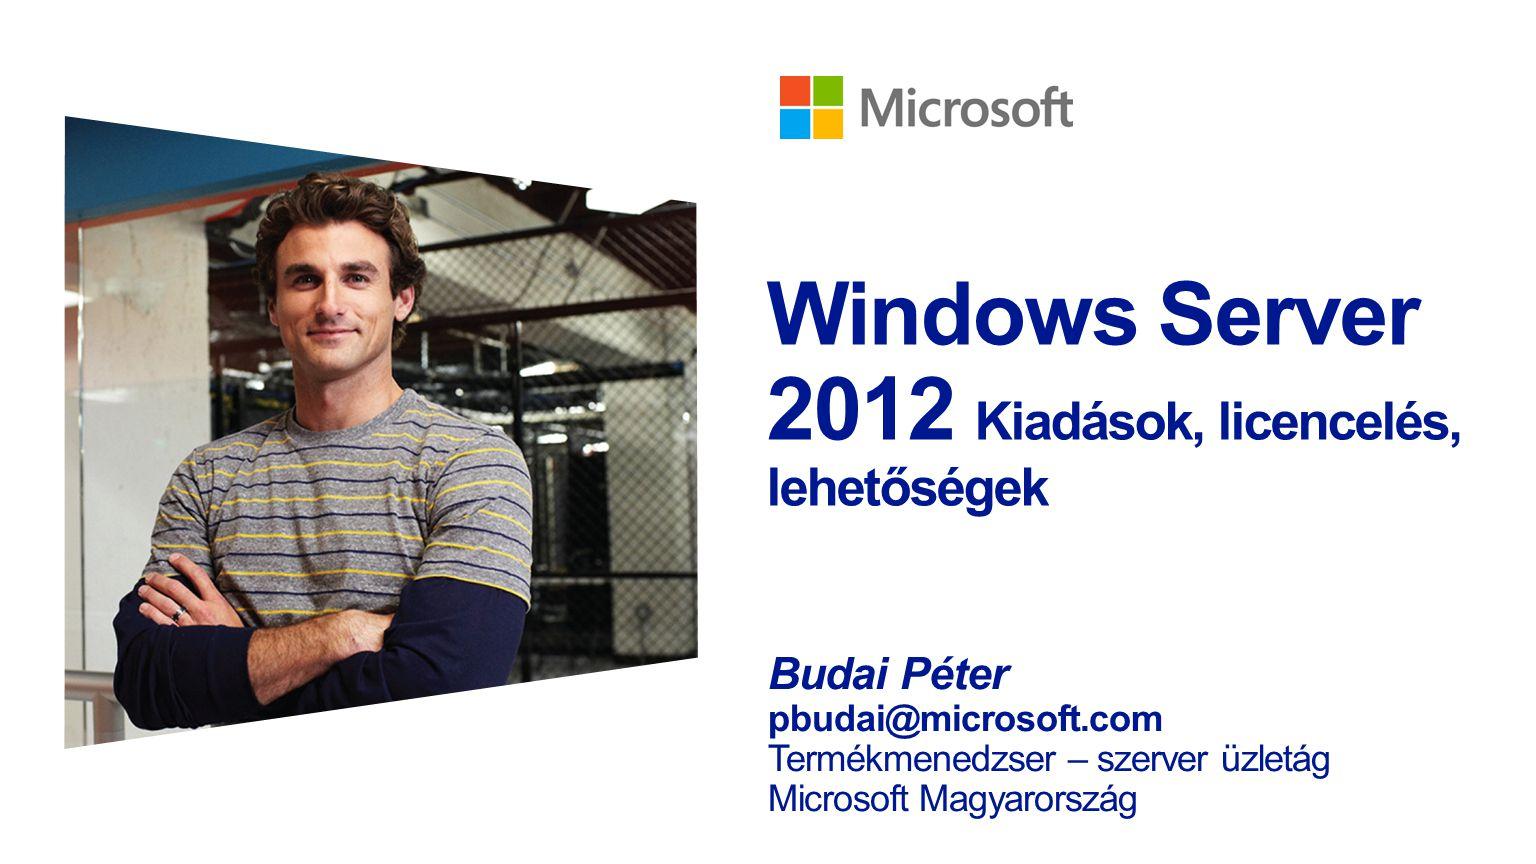 """Windows Server 2012: a felhő OS Minden alapképesség gyökeresen átalakul: biztonság, fájlszerver, hálózat, storage, szerver és desktop virtualizáció, távelérés, felügyelet Az operációs rendszer több, korábban hardverre jellemző feladatot láthat el, lényegesen olcsóbban: deduplikáció, hálózat- virtualizáció, magas rendelkezésre állású adattárolás Megújult Hyper-V: skálázhatóság, teljes Linux támogatás, replikáció, adatközpontok közötti átjárhatóság, virtuális gépek leállás nélküli költözése bármiről bármire Mainframe-szintű rendelkezésre állás és teljesítmény: redundáns és NUMA rendszerek támogatása, új lehetőségek a magas rendelkezésre állásban """"Magyarországon 2011 utolsó negyedévében a Microsoft Hyper-V piacrésze az új szerverekre szállított virtualizációs licencek tekintetében 42.6%-ra nőtt, ezzel a Hyper-V az x86-os szervervirtualizációs piac első számú termékévé vált – IDC Magyarország"""